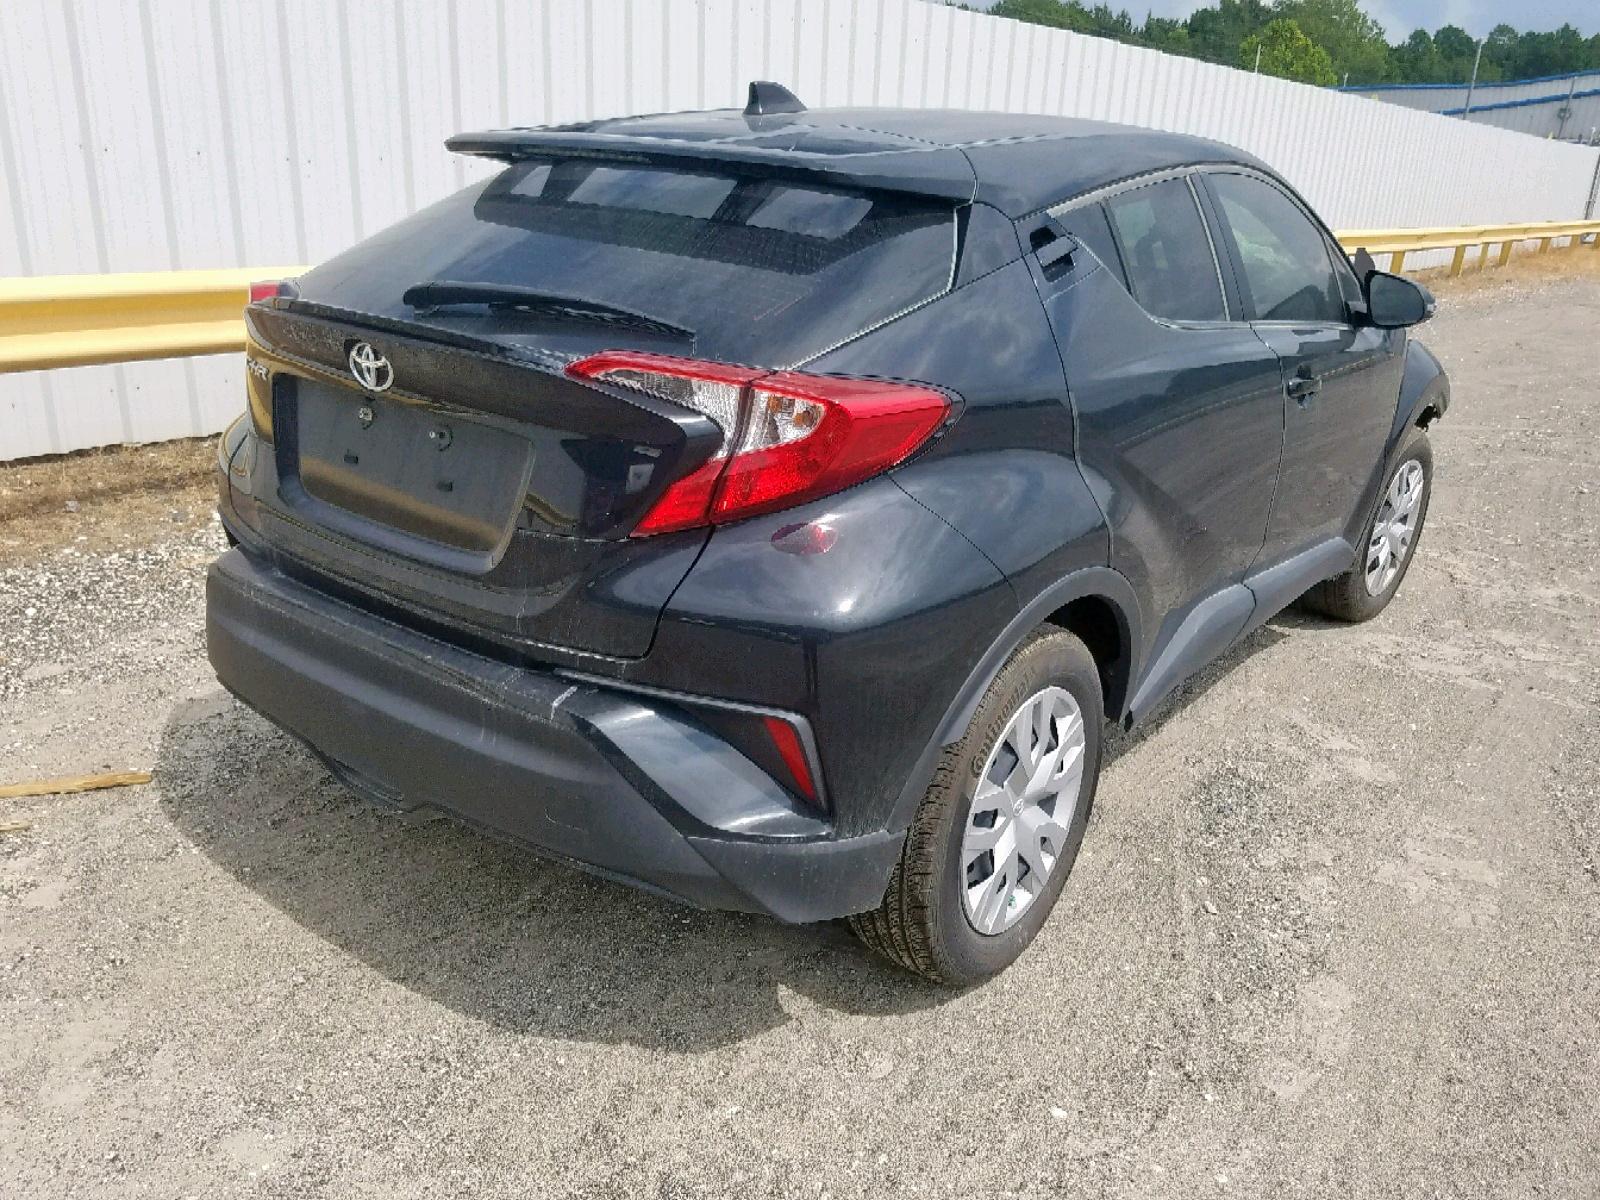 JTNKHMBX3K1023784 - 2019 Toyota C-Hr Xle 2.0L rear view